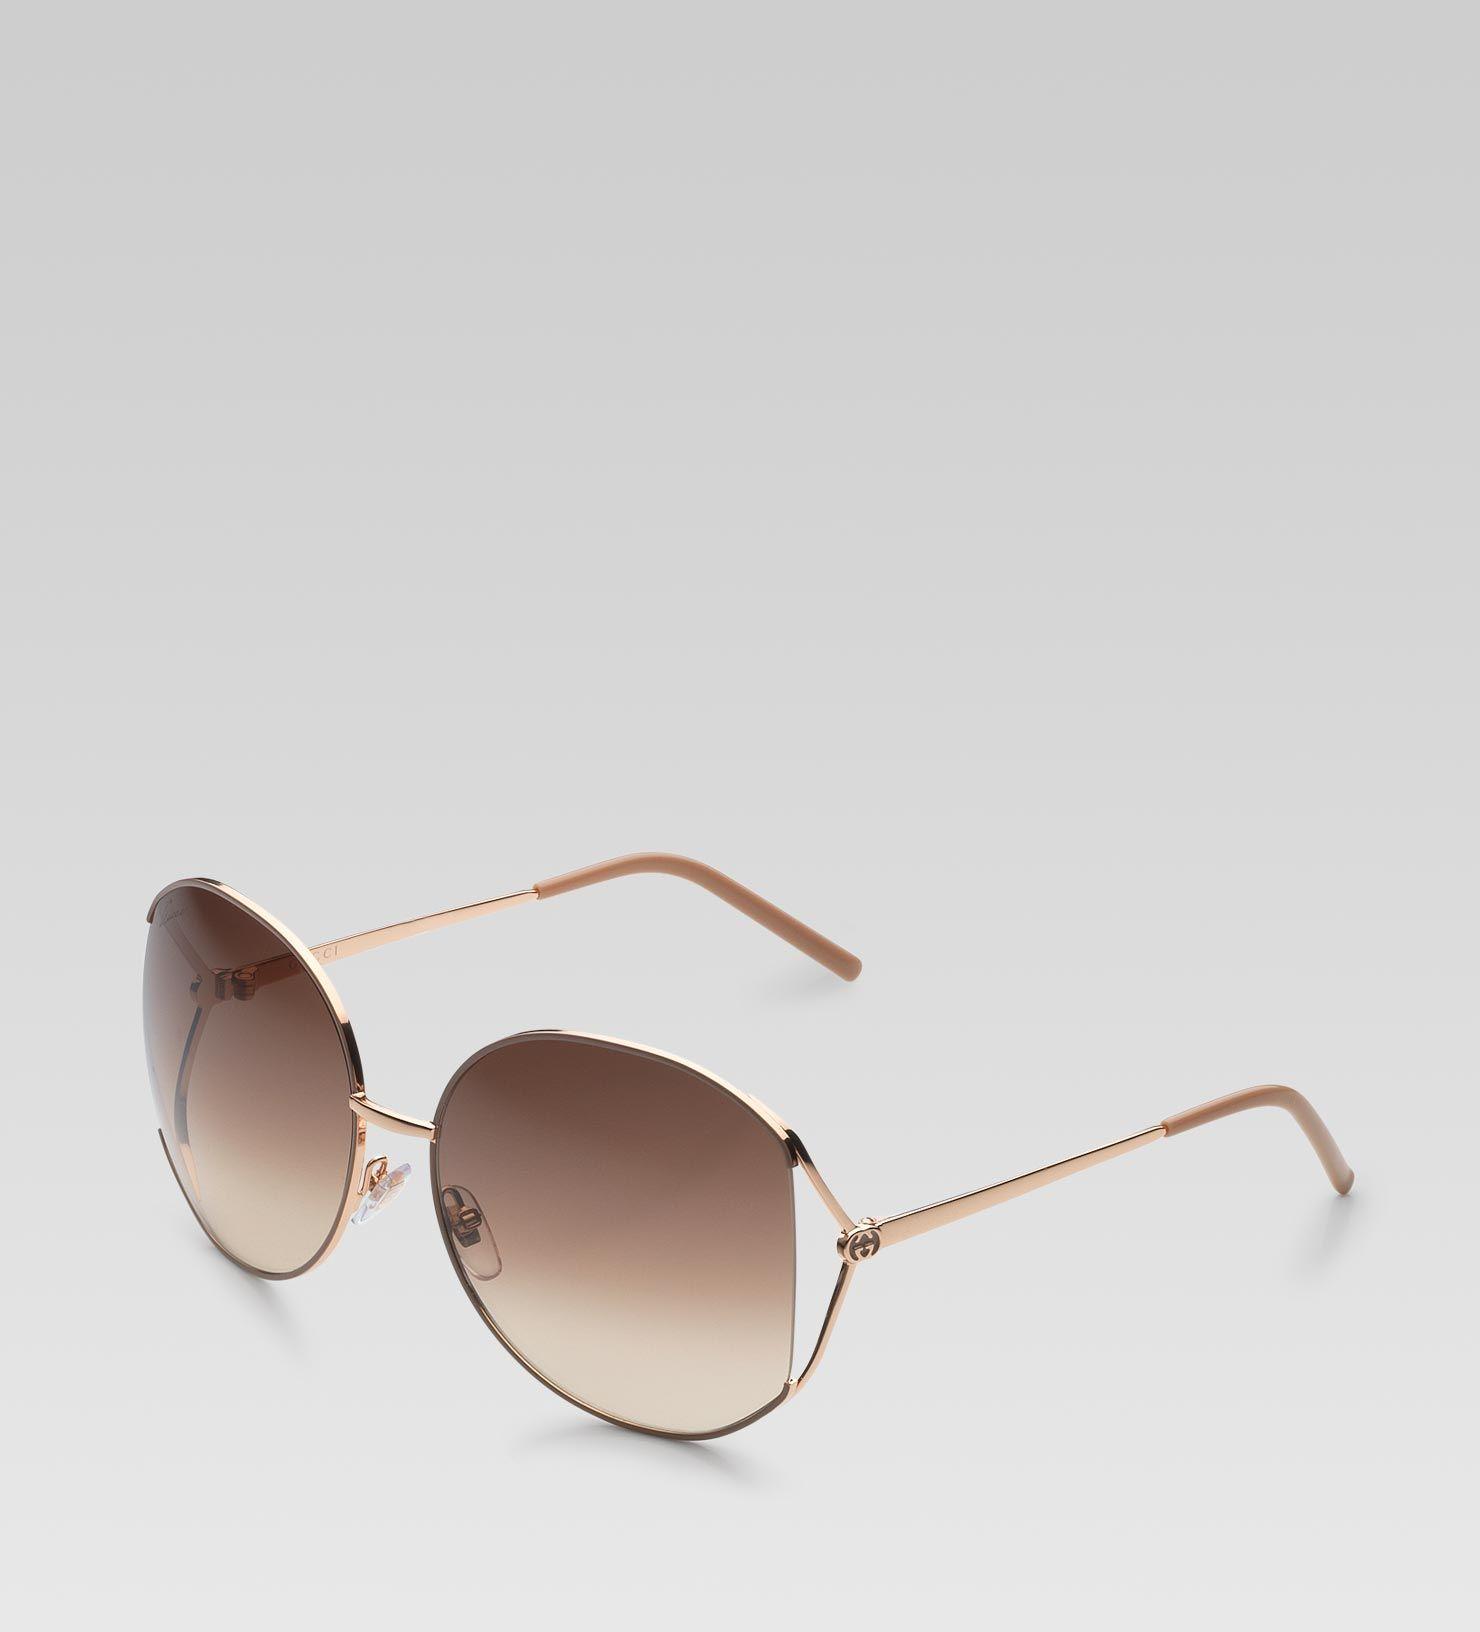 ee66083594e Gucci sunglasses